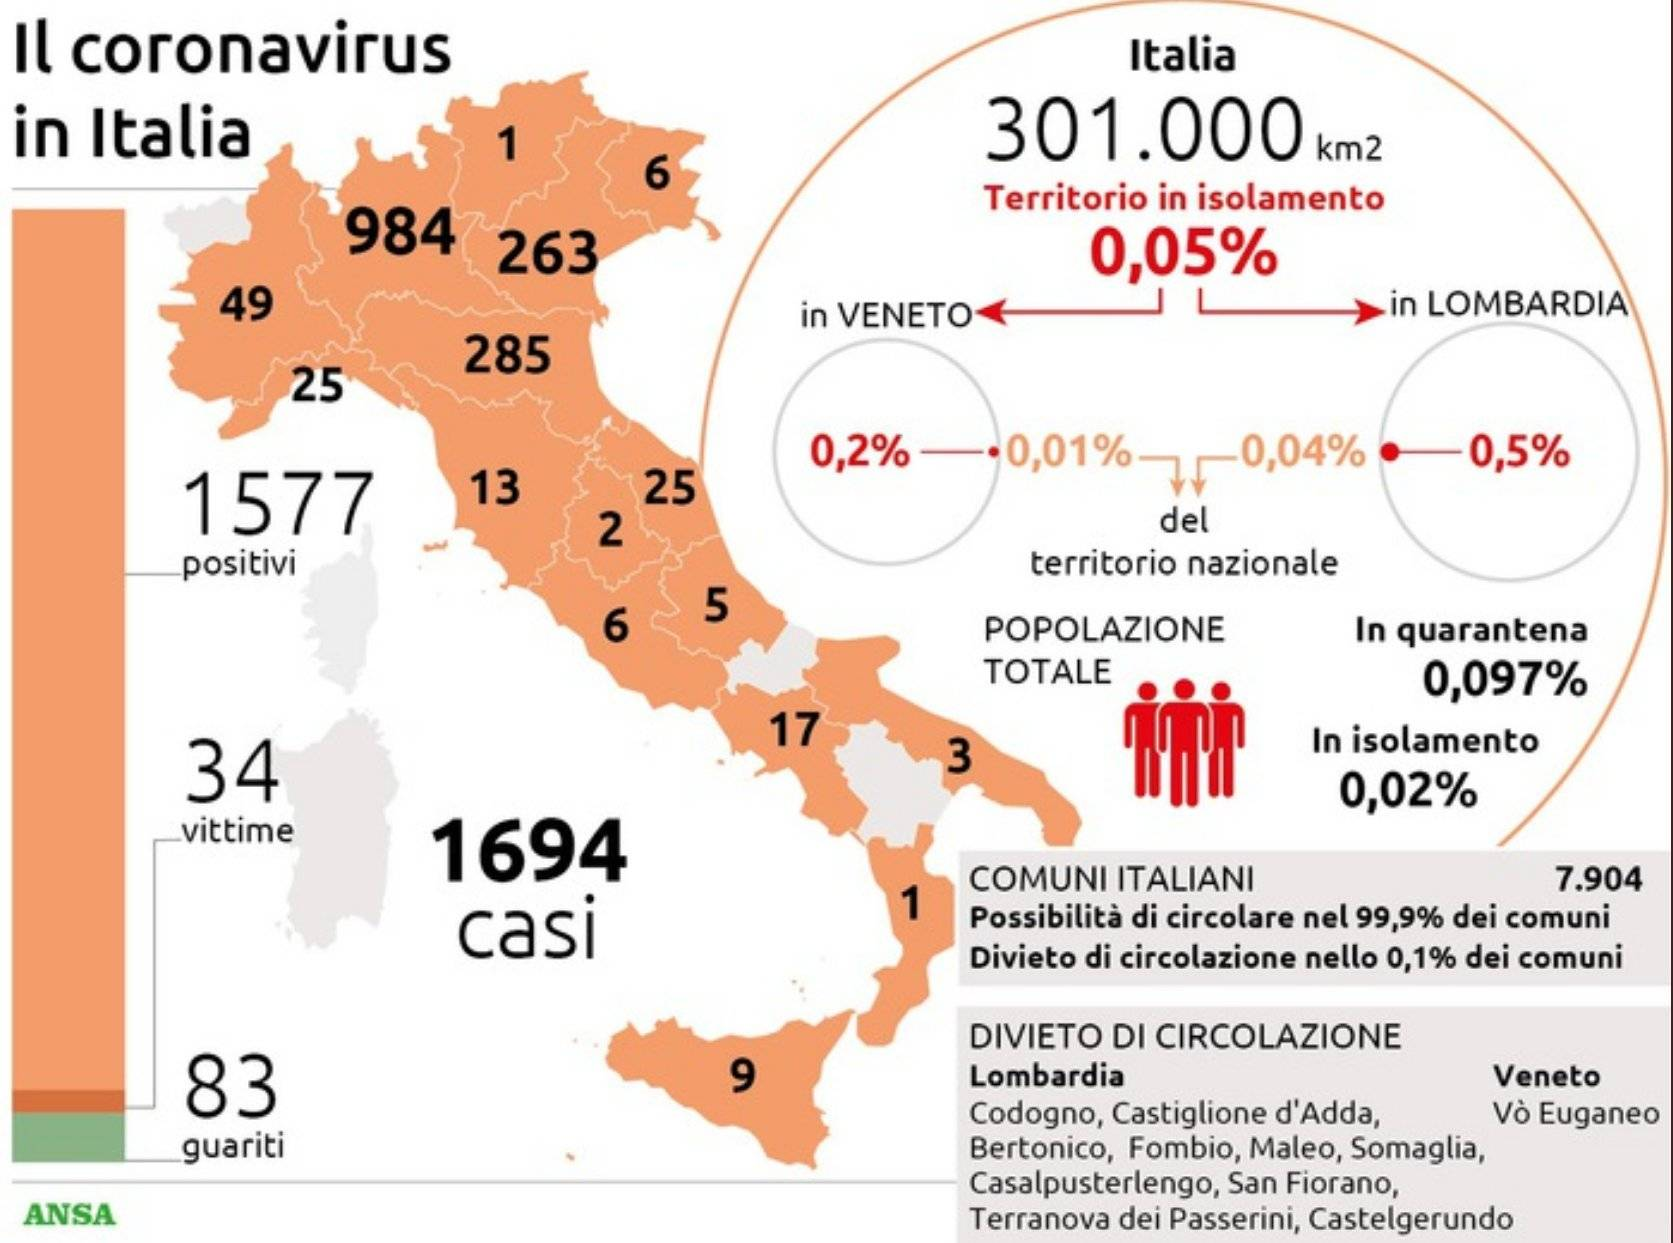 Что происходит в италии с коронавирусом прямо сейчас: последние новости